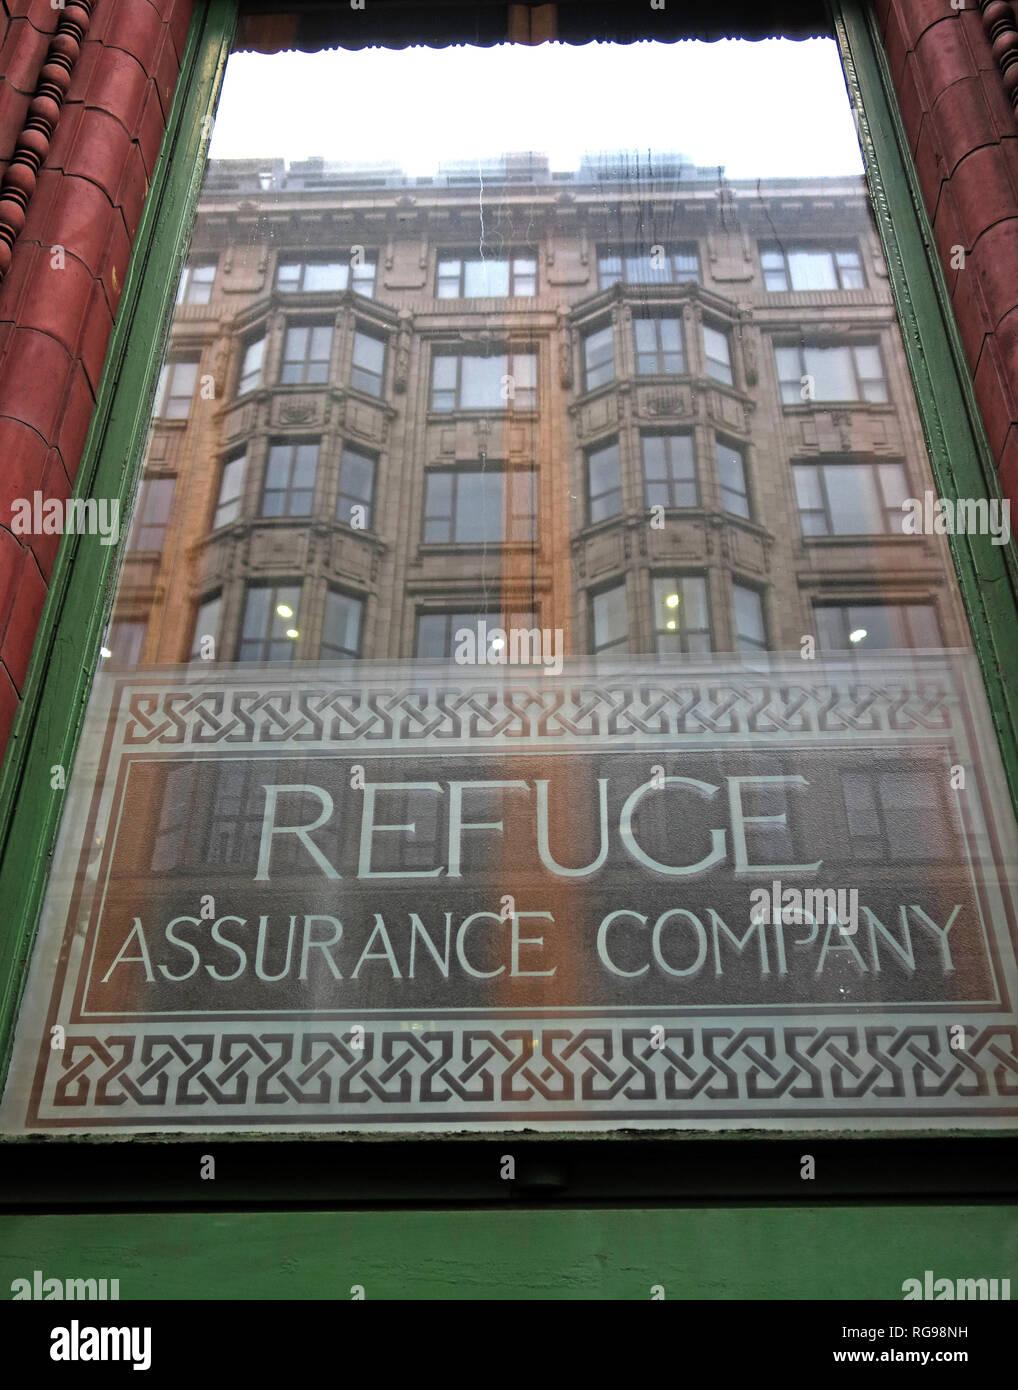 Laden Sie dieses Alamy Stockfoto Fenster Refuge Assurance Company Hauptverwaltung, Oxford Road, Manchester, North West England, VEREINIGTES KÖNIGREICH, - RG98NH